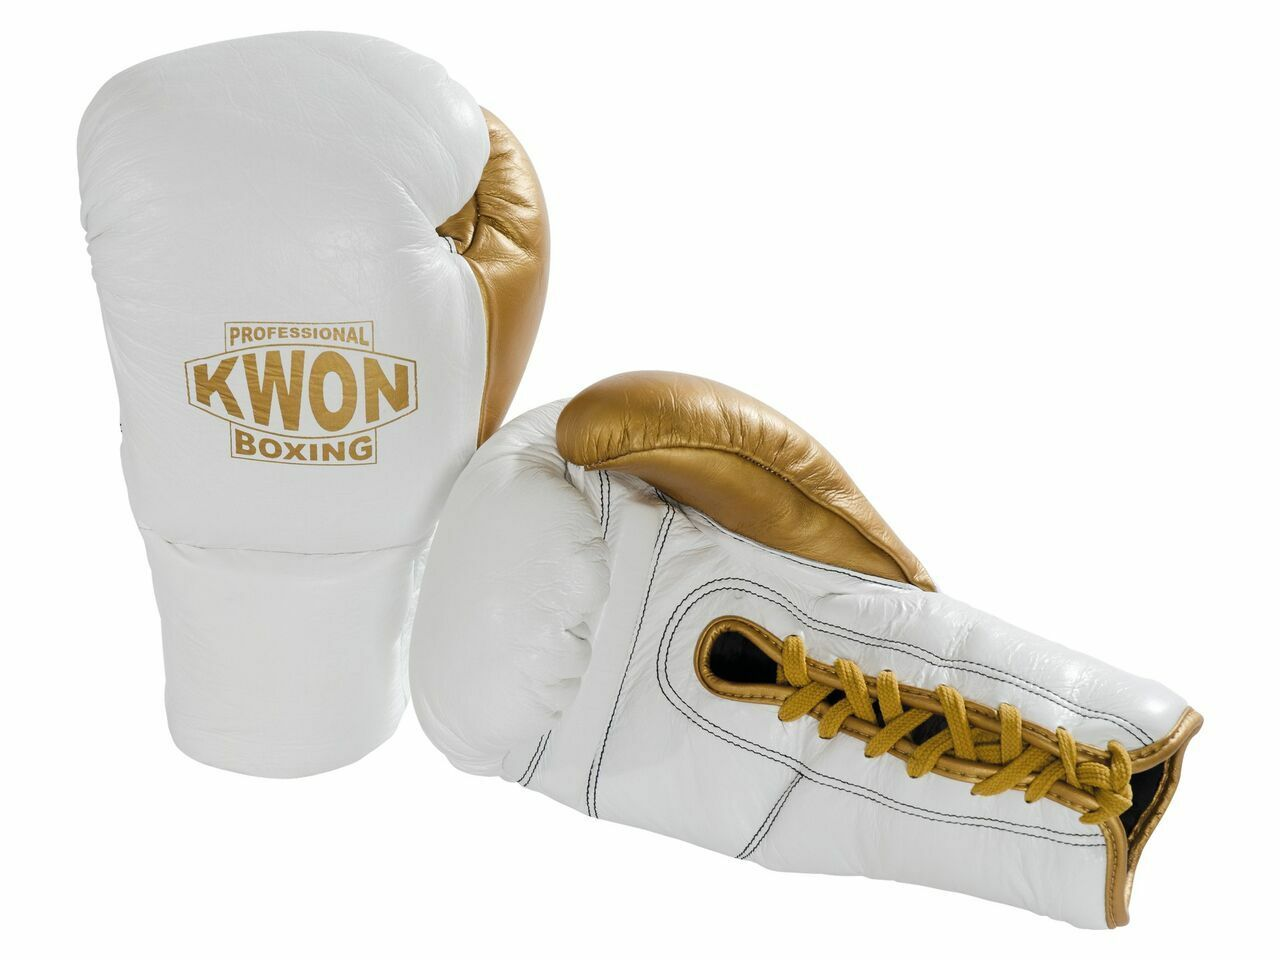 Kwon- Professional Boxing Handschuhe Leder mit Schnürung. 10oz. weiß/gold.